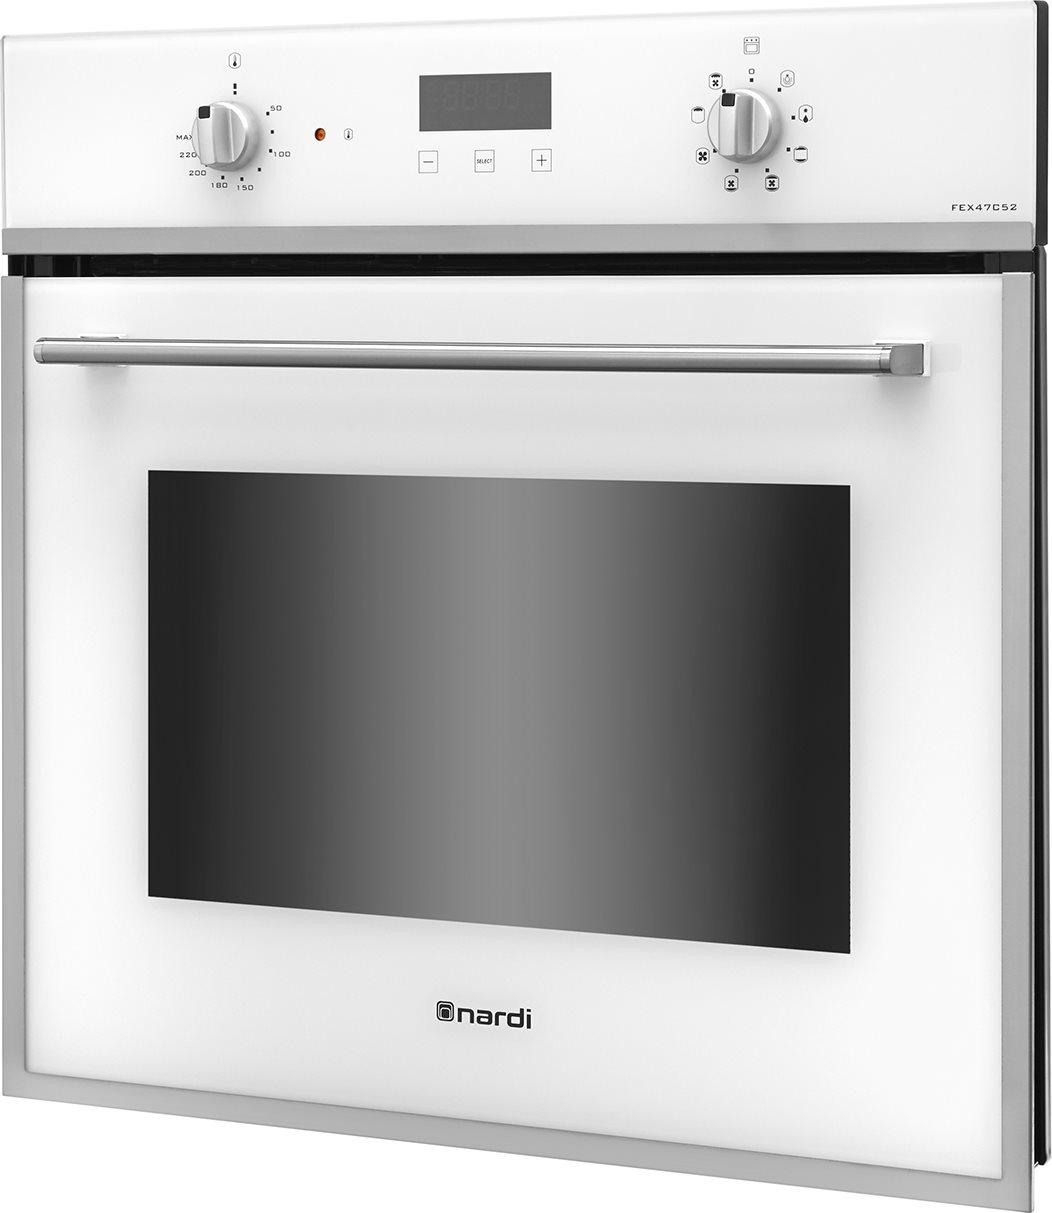 Nardi forno elettrico da incasso ventilato multifunzione con grill capacit 62 litri classe - Forno elettrico con microonde ...